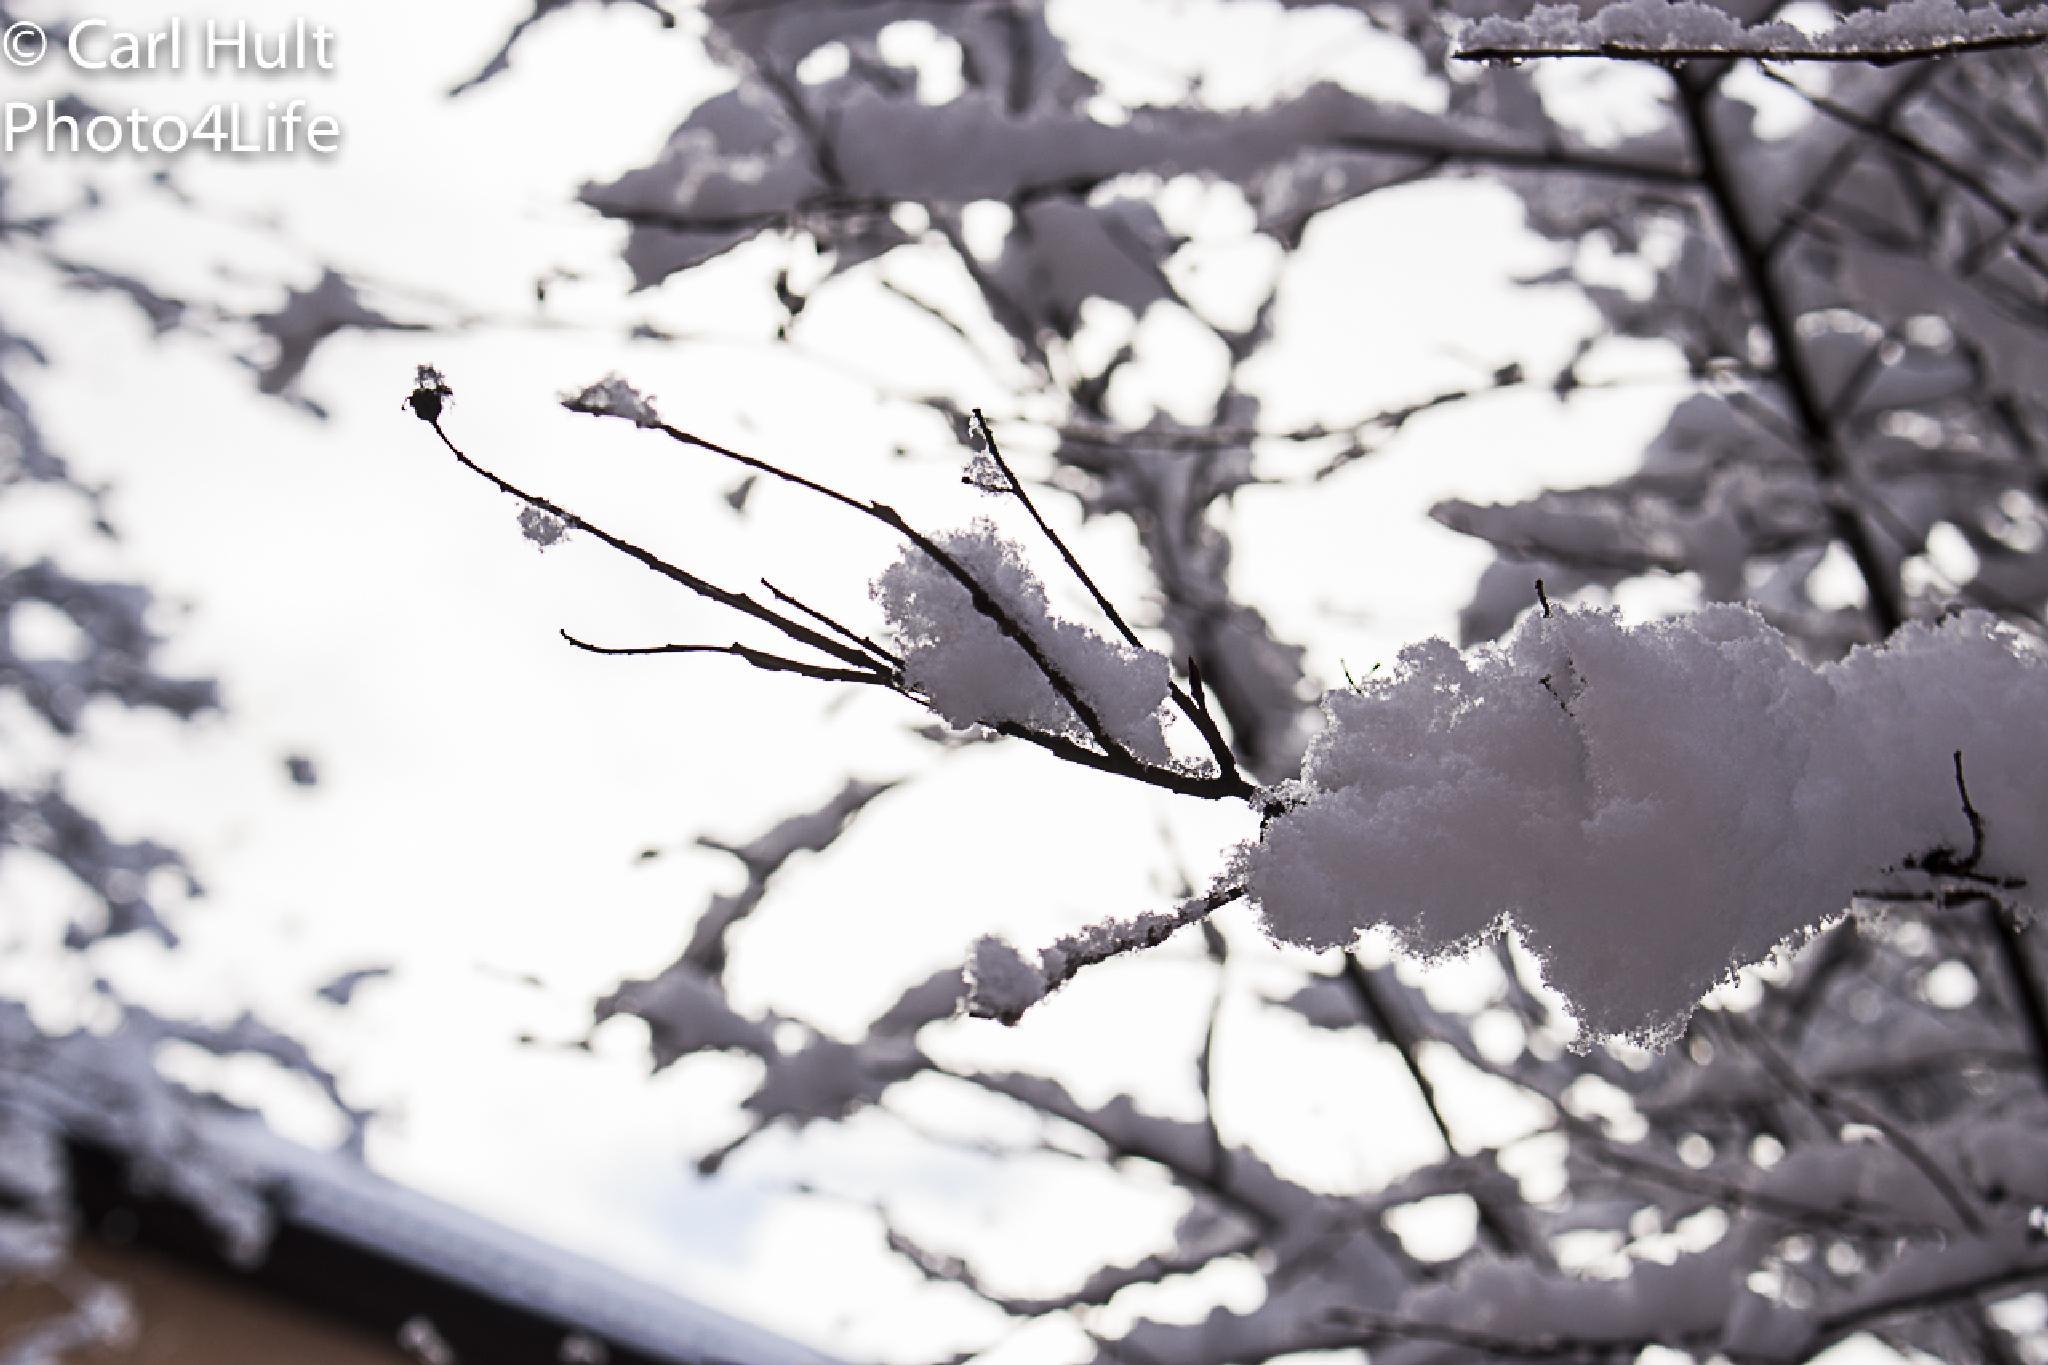 Snowy bush by Carl Hult